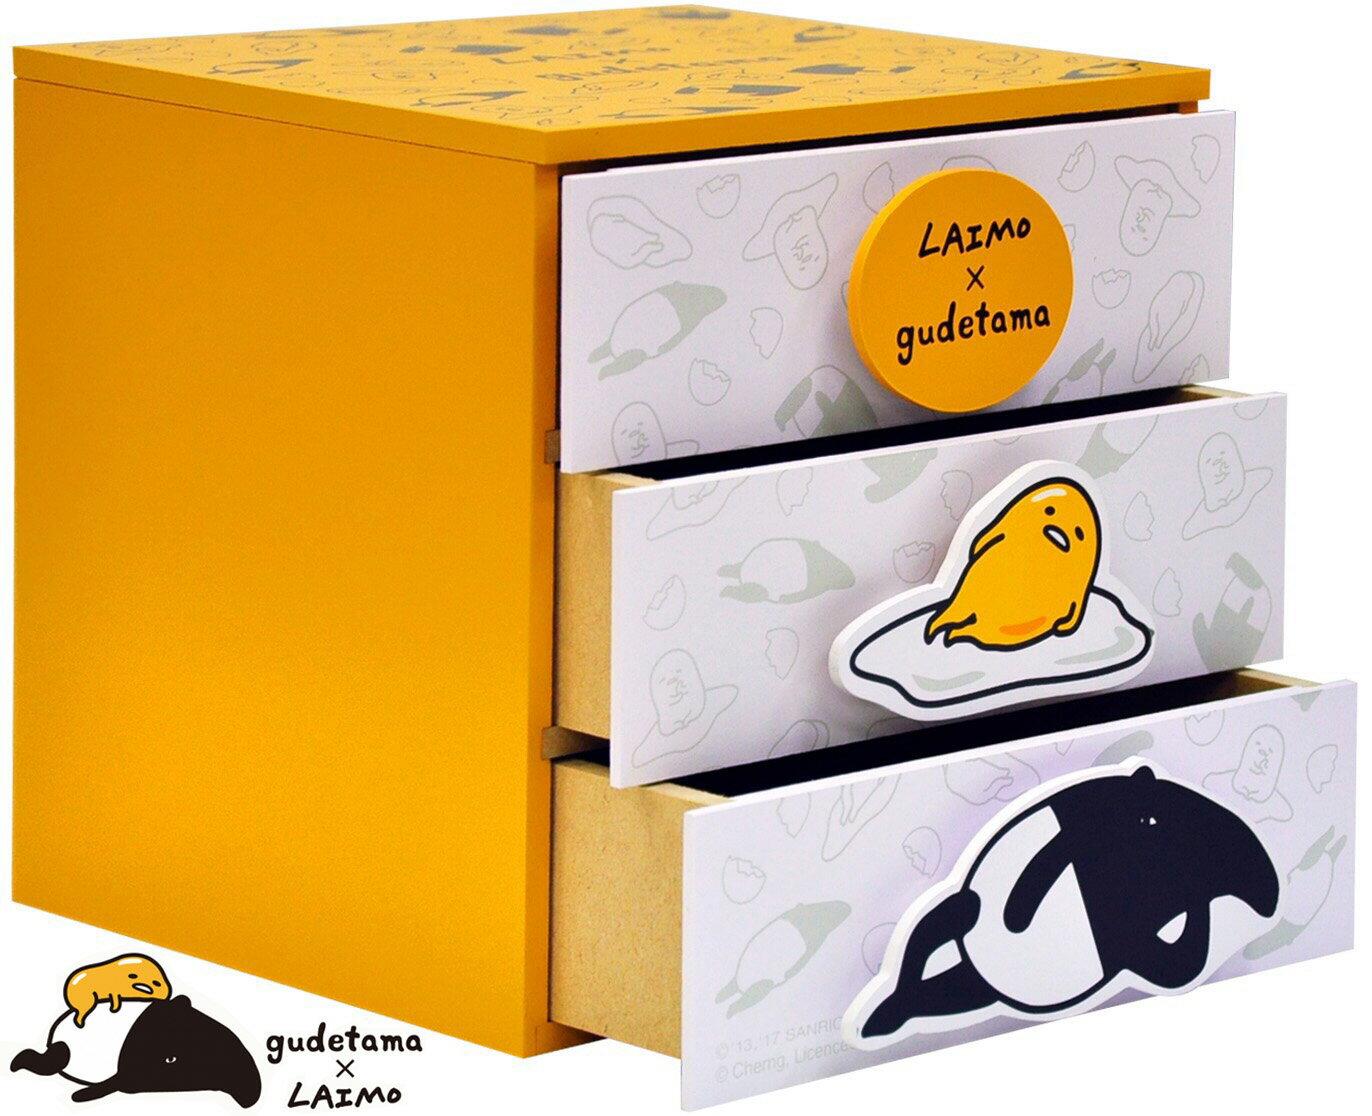 【真愛日本】 17062000001 造型裁片三抽屜收納盒-GU馬來貘 三麗鷗 蛋黃哥 木製抽屜櫃 置物櫃 居家用品